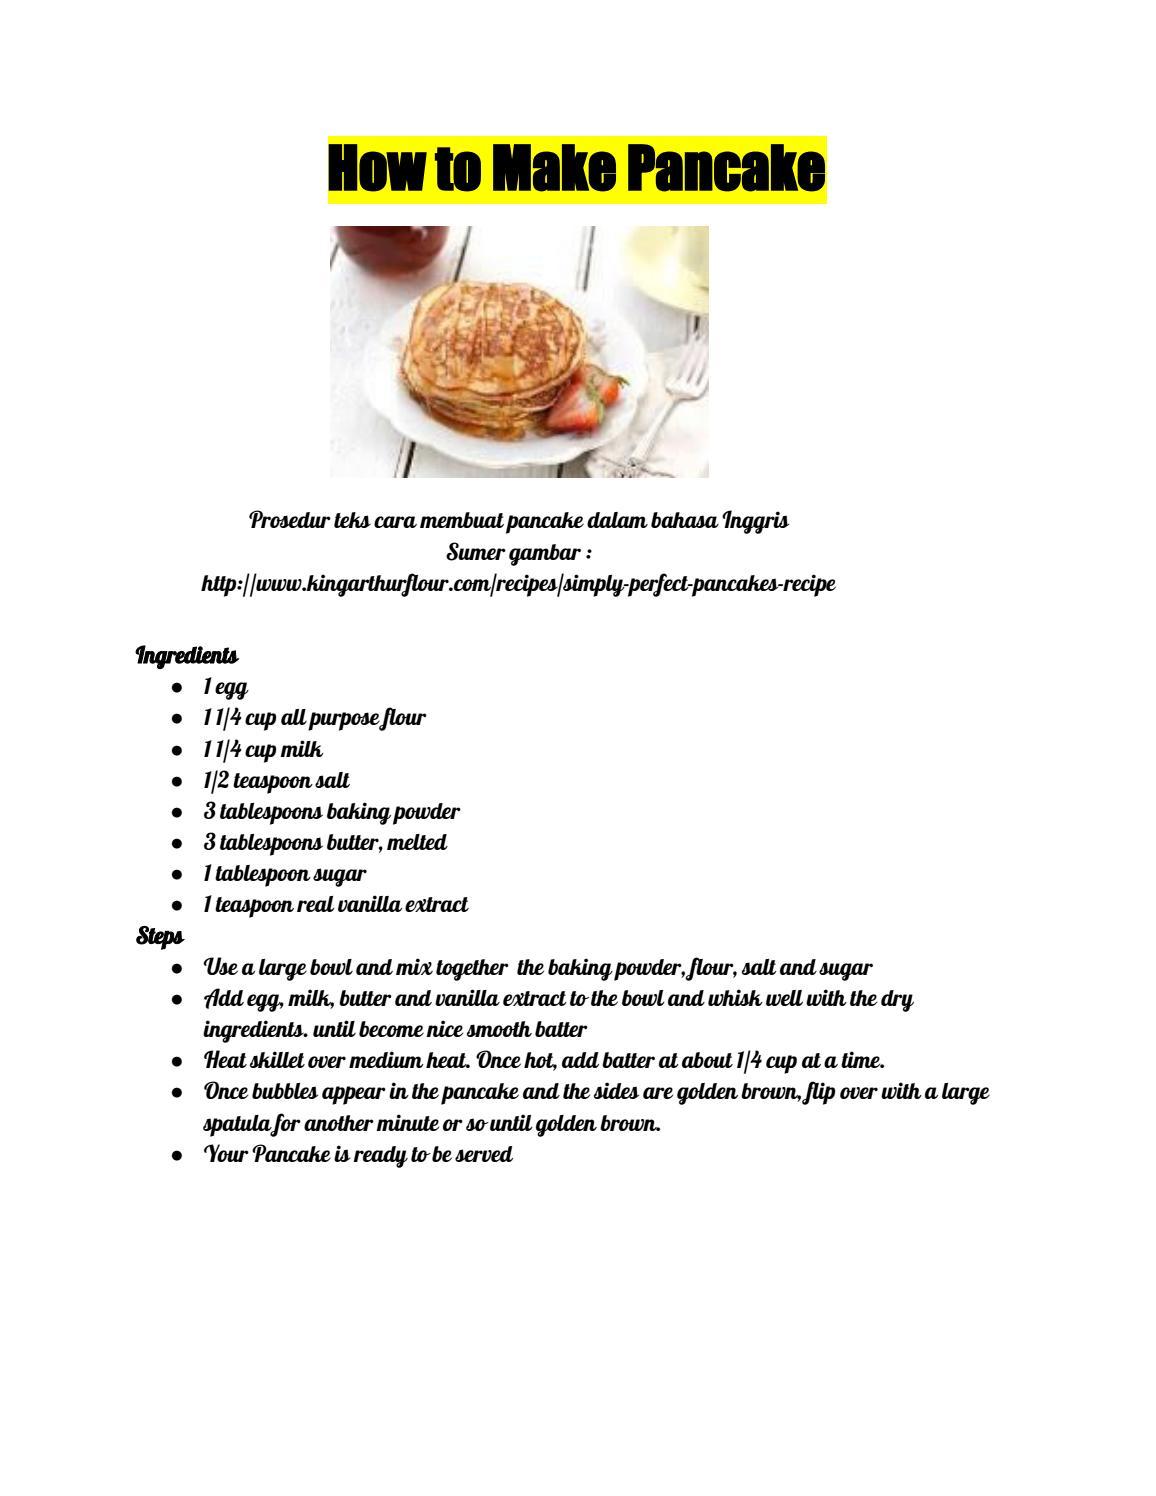 Contoh Procedure Text Makanan : contoh, procedure, makanan, Pancake, Procedure, Images, Collection